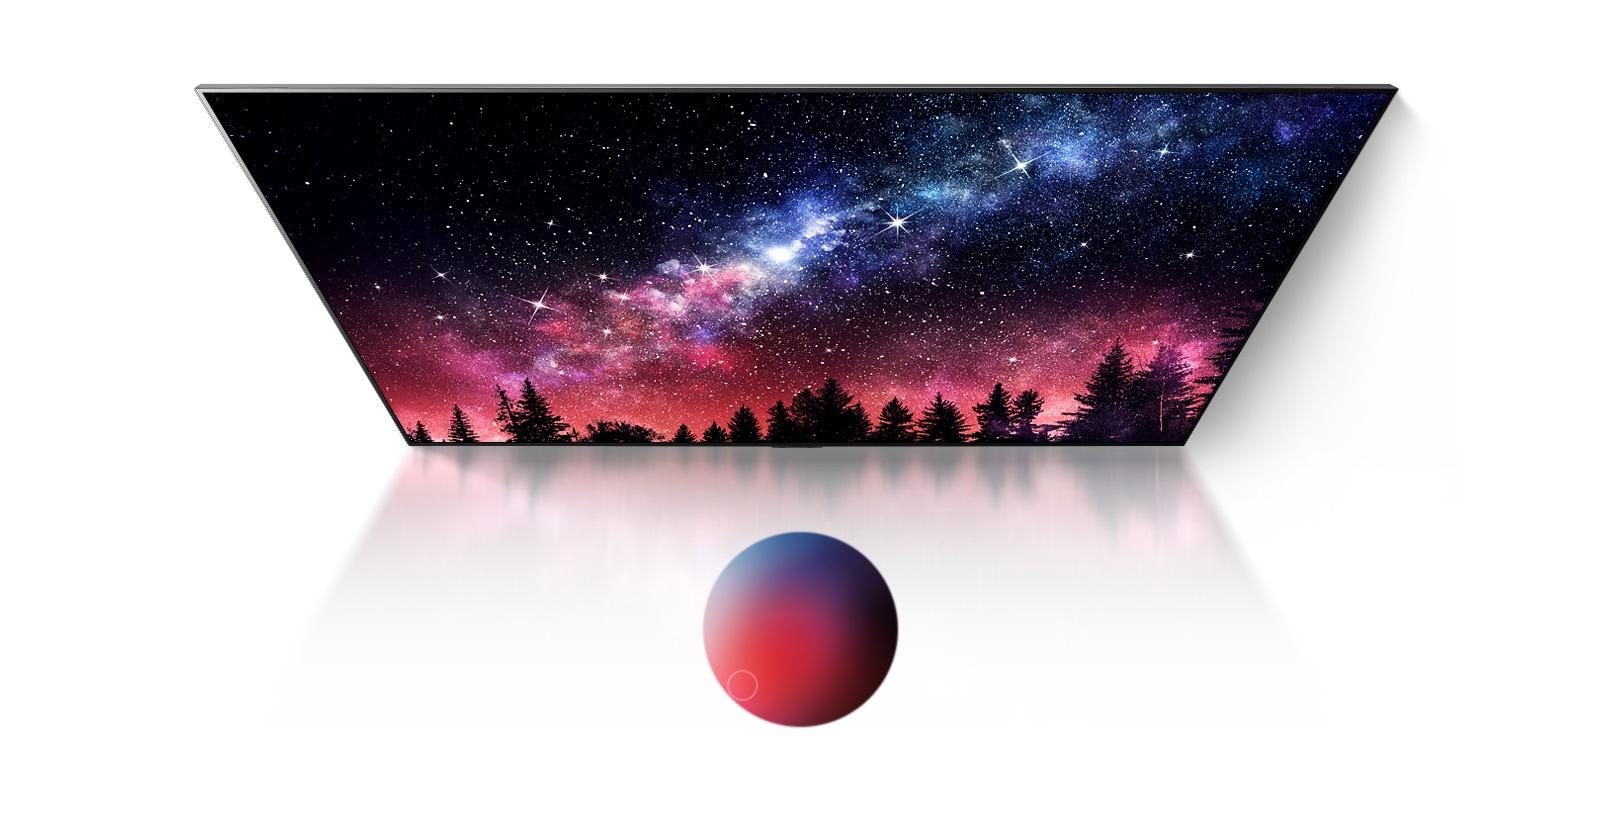 電視螢幕,顯示畫質細膩精緻的銀河系、藍天和彩色塵爆(播放影片)